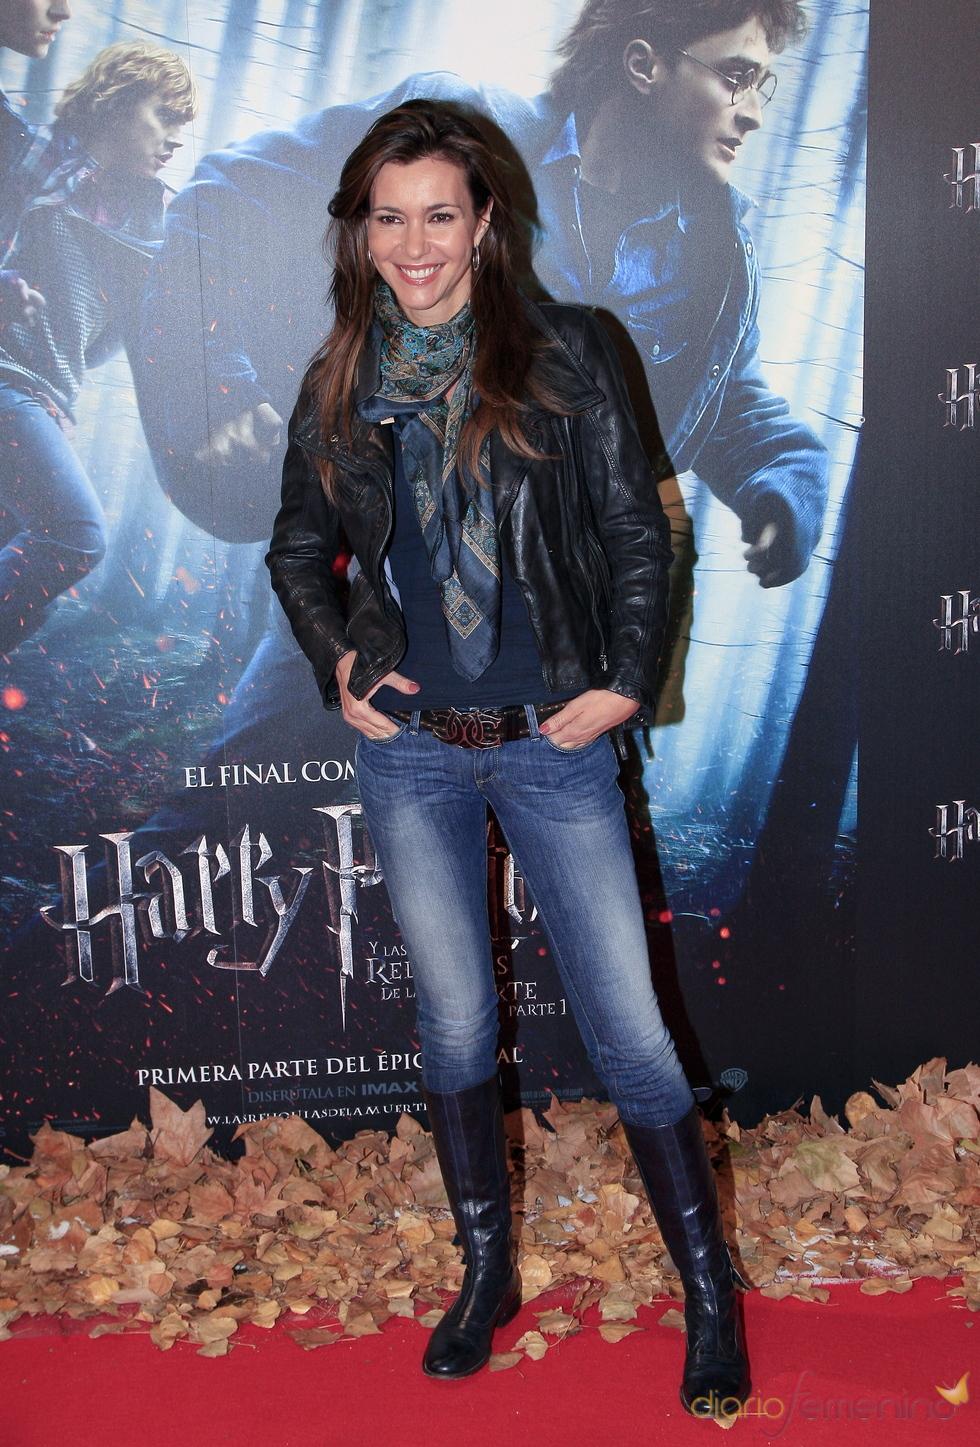 Arancha del Sol en el estreno de 'Harry Potter y las reliquias de la muerte'